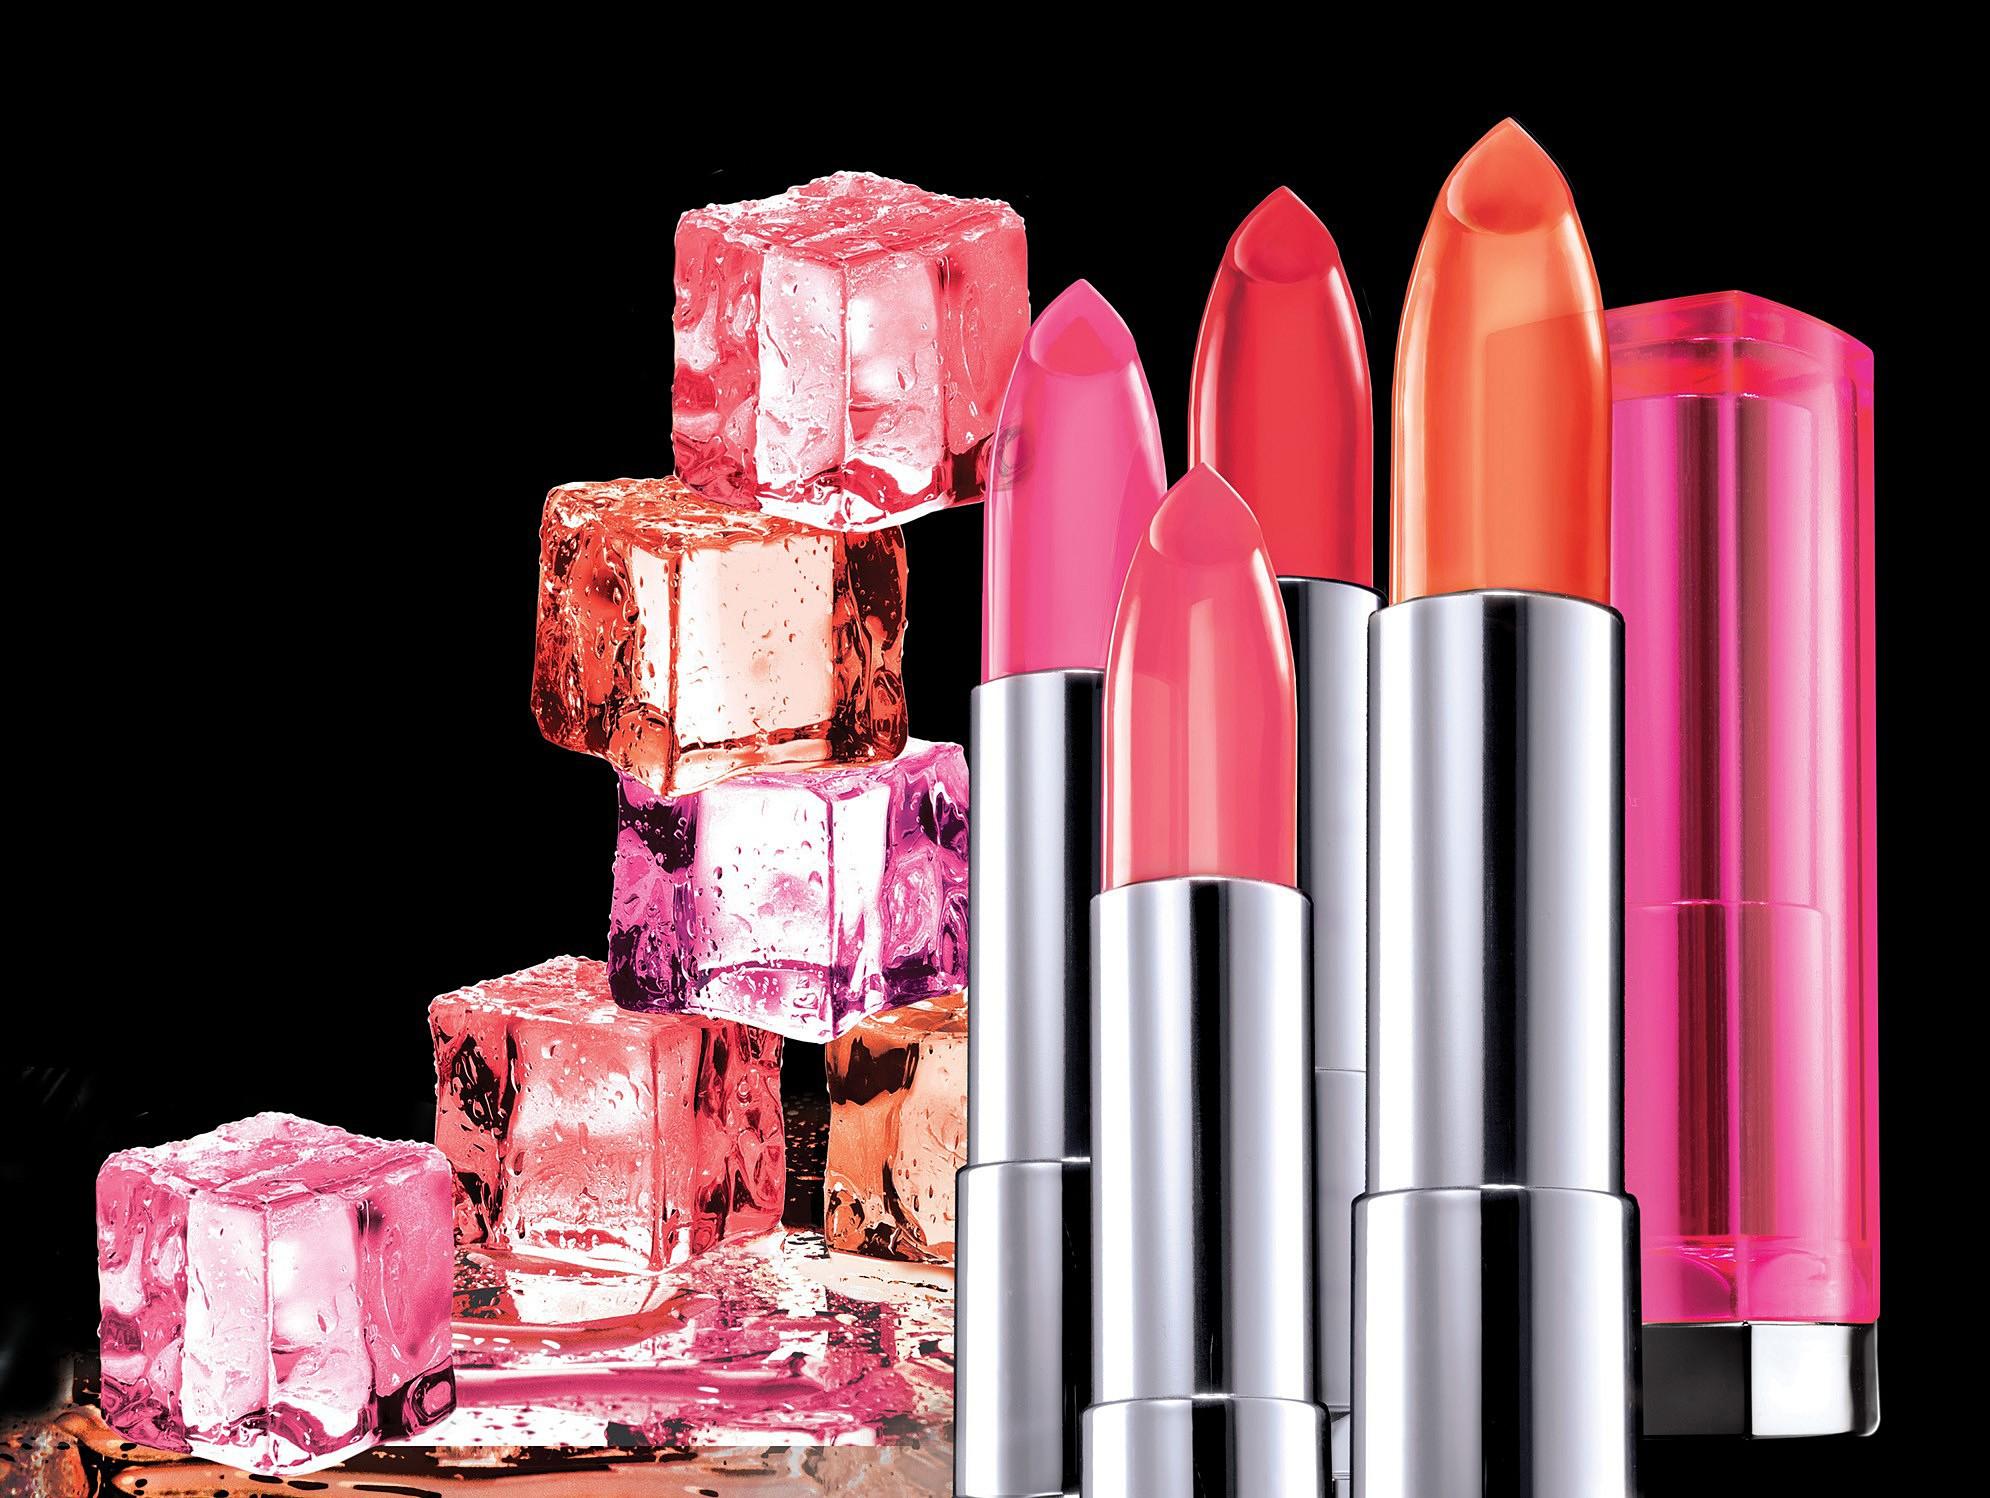 rouge a levres color sensational popstick gemey maybelline la parfumerie discount - Rouge A Levre Gemey Maybelline Color Sensational